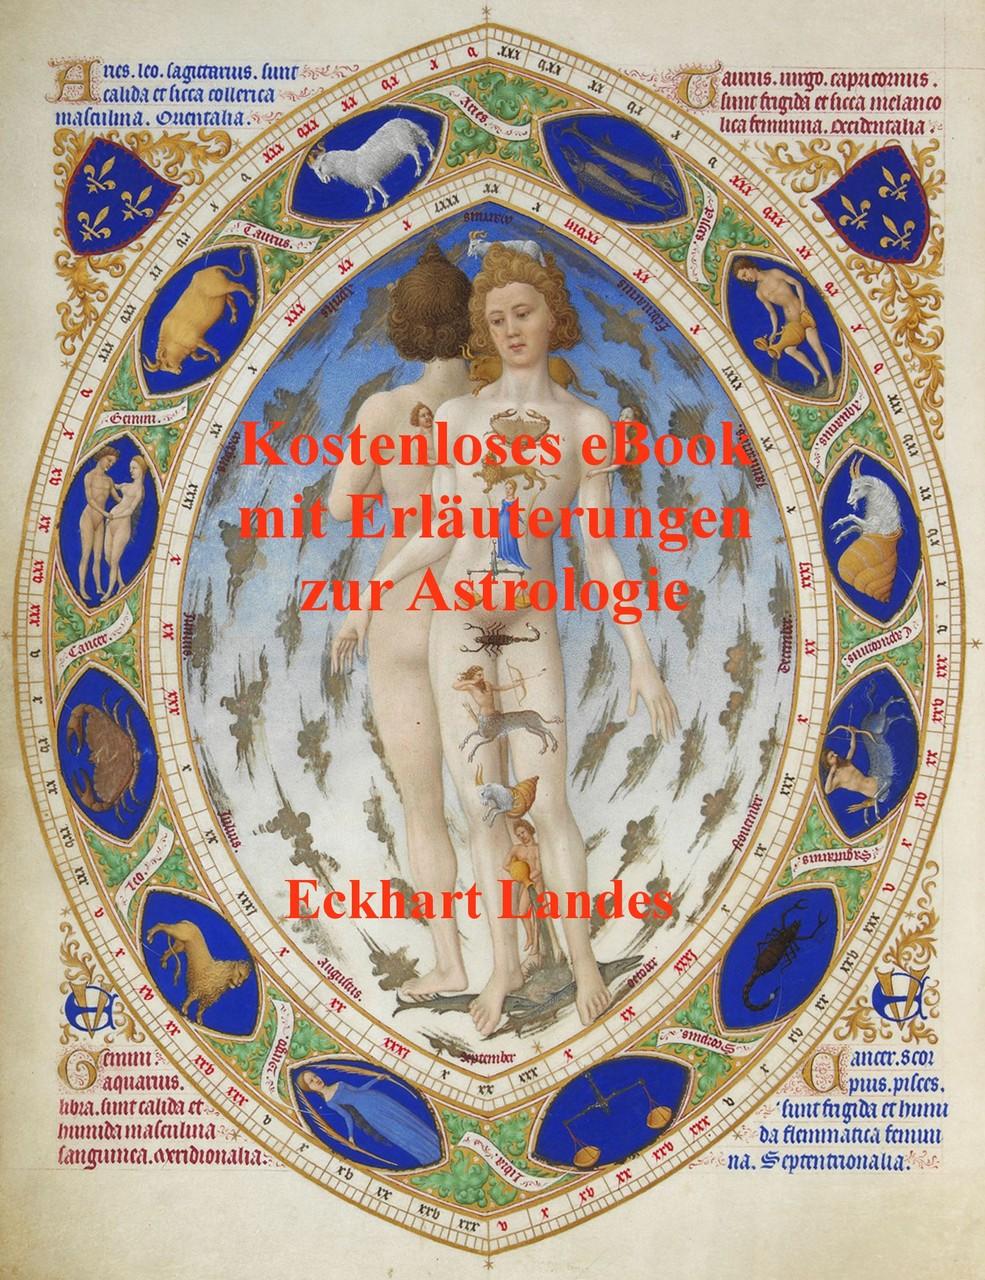 Kostenloses eBook mit Eräuterungen zur Astrologie